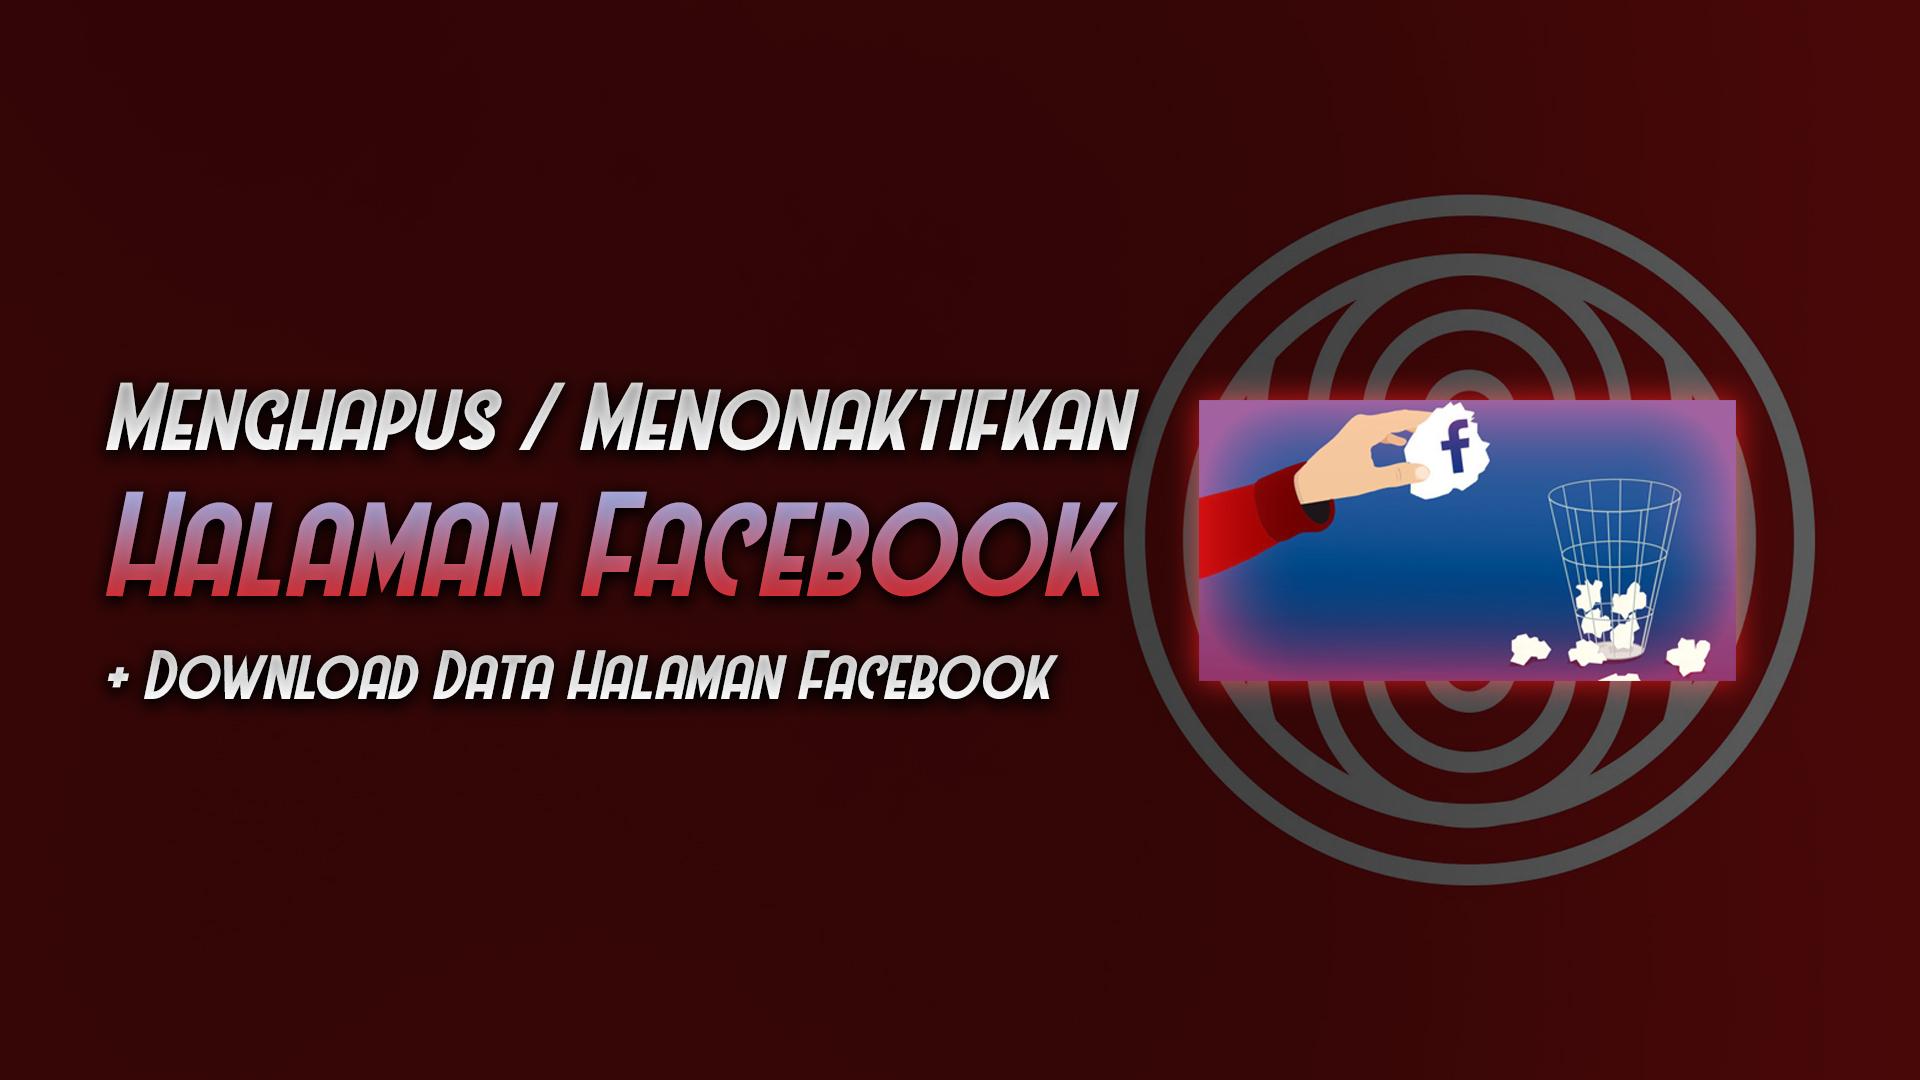 cara menghapus nonaktifkan halaman facebook fanpage - rio bermano